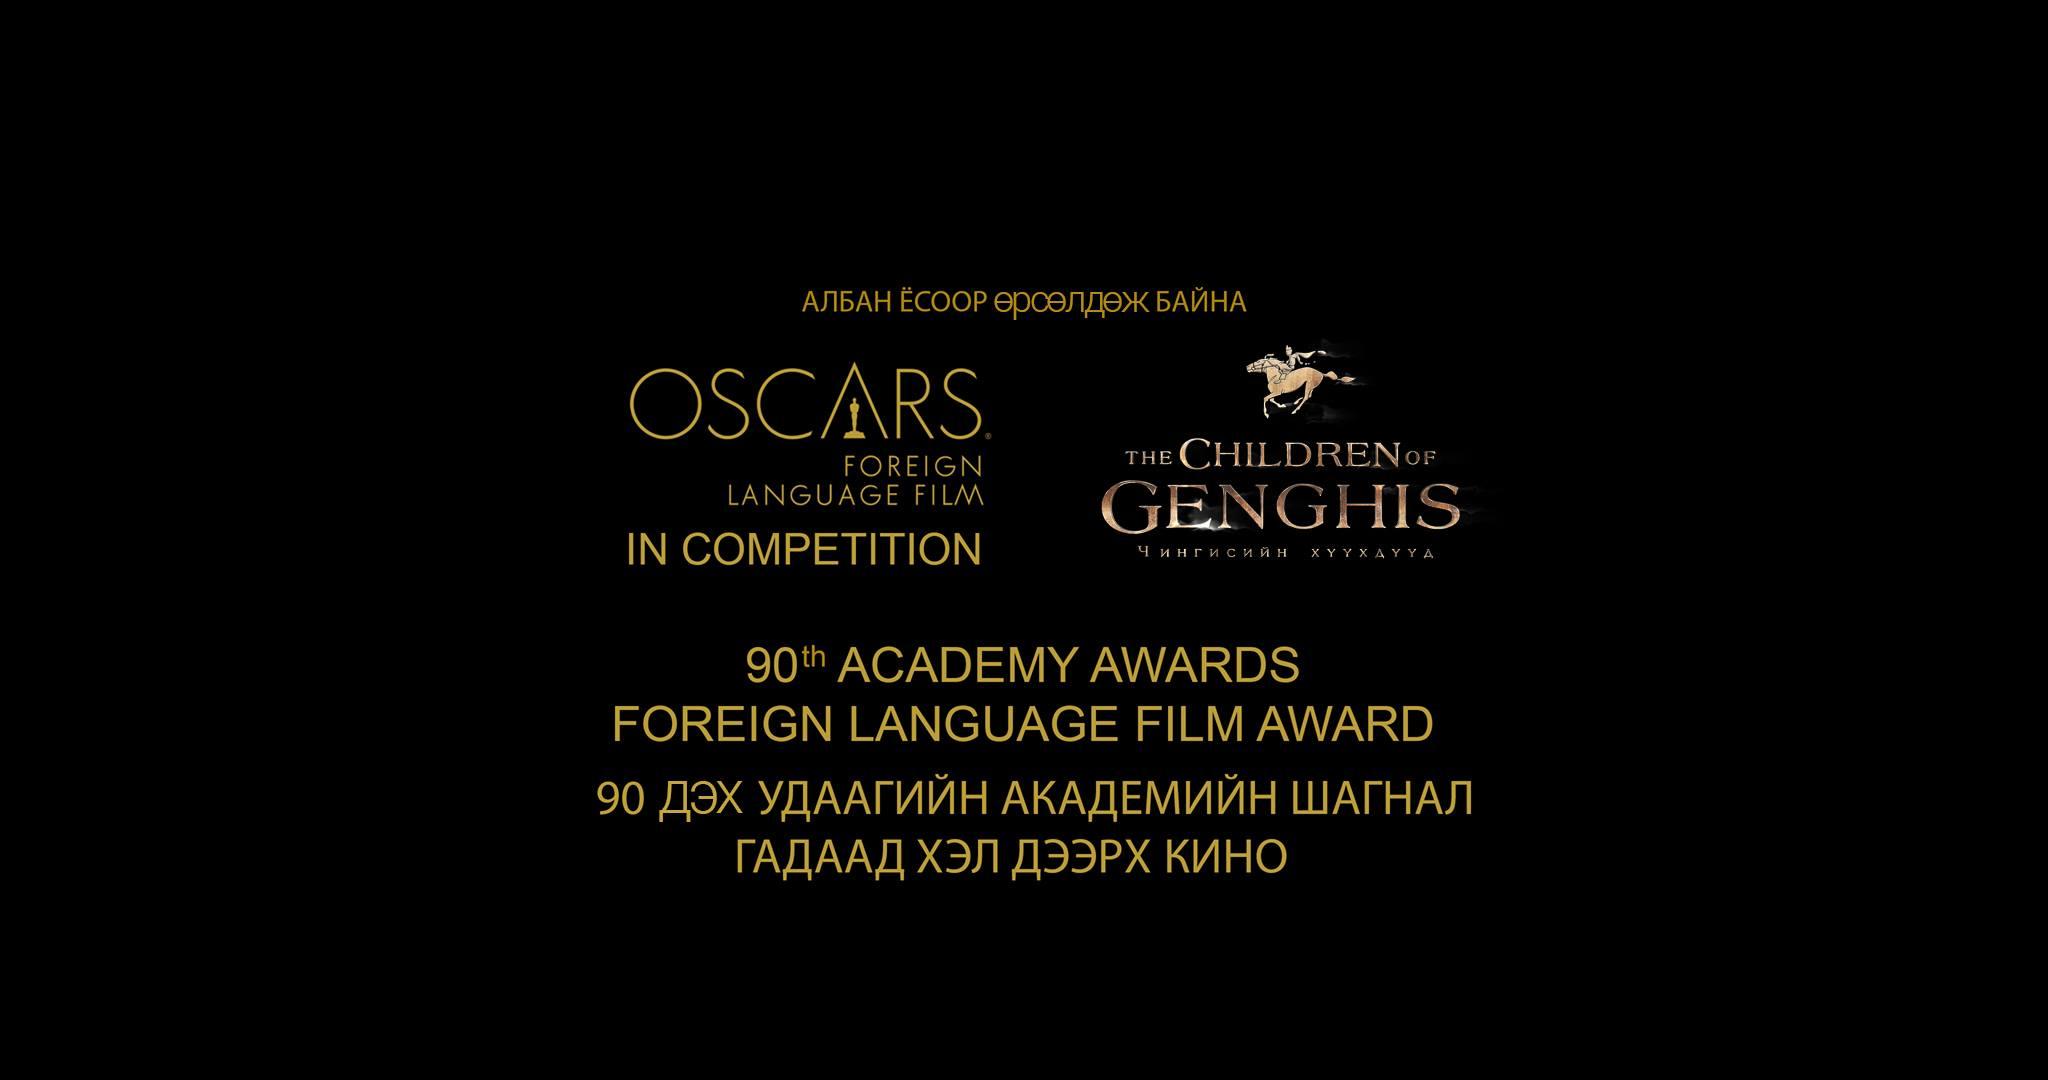 """и quot;дети Чингис"""" и художественный фильм будет конкурировать на Оскар"""